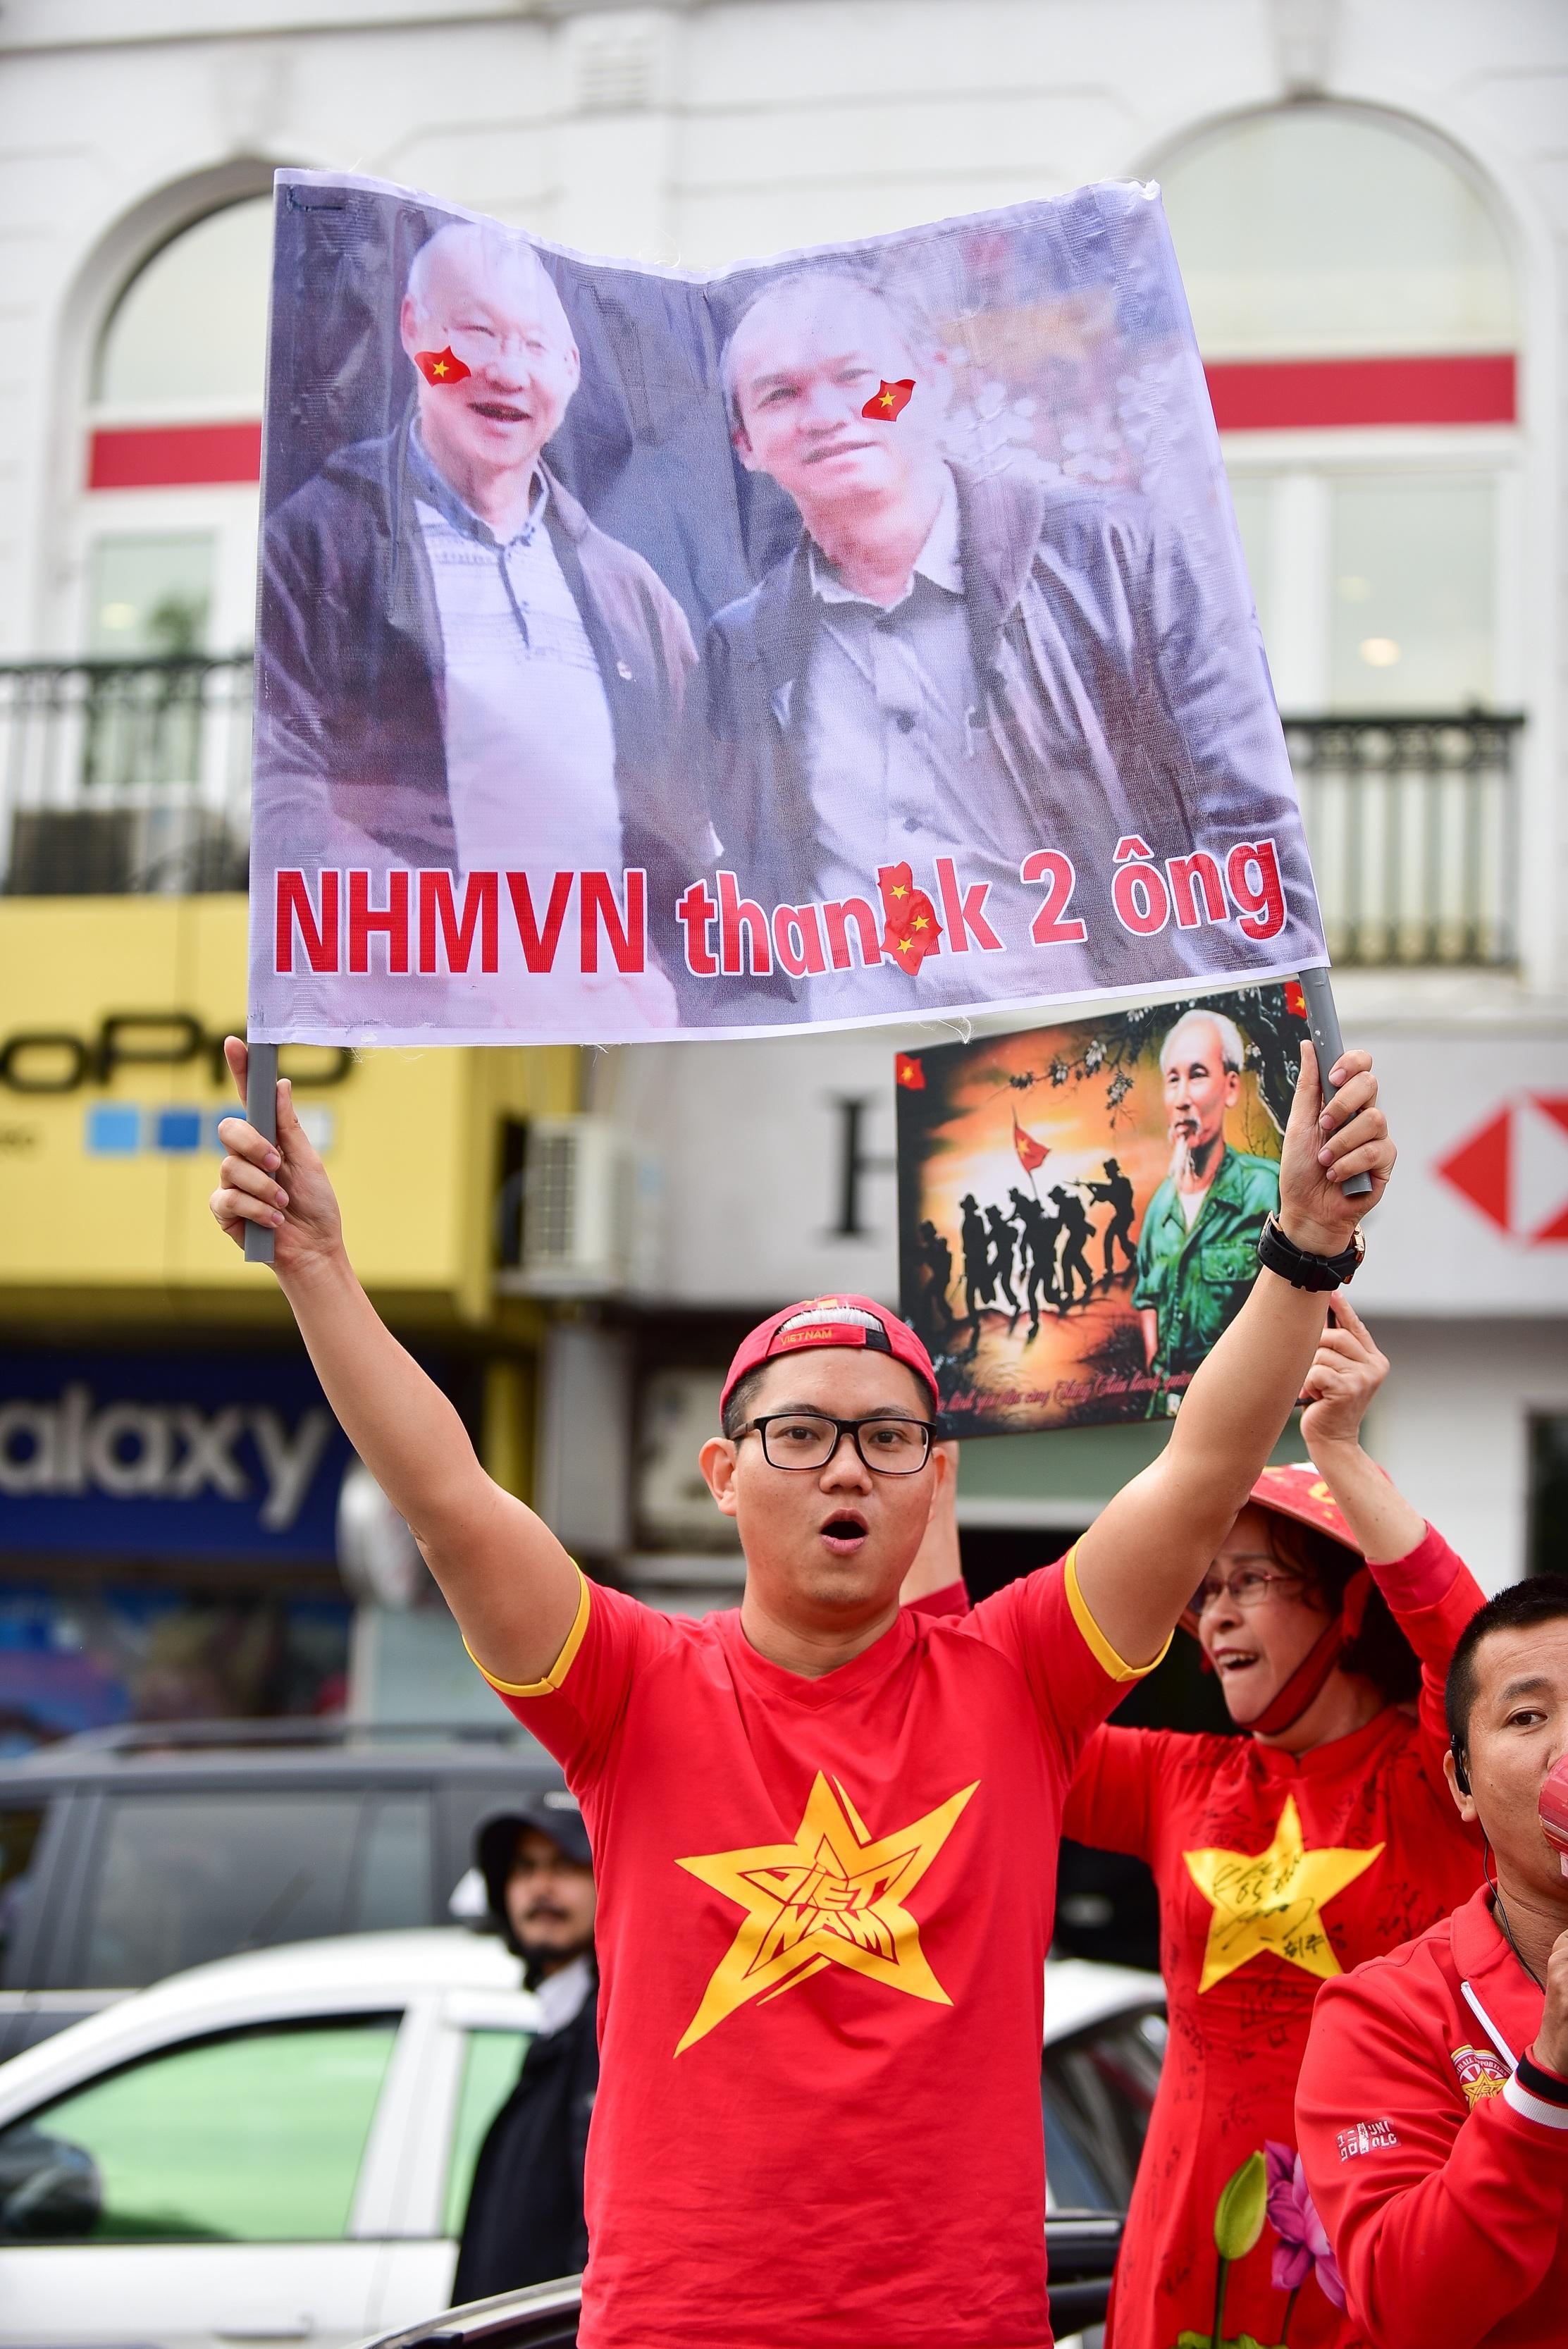 Cổ động viên tiếp lửa cho đội tuyển Việt Nam trước trận gặp Thái Lan - 14